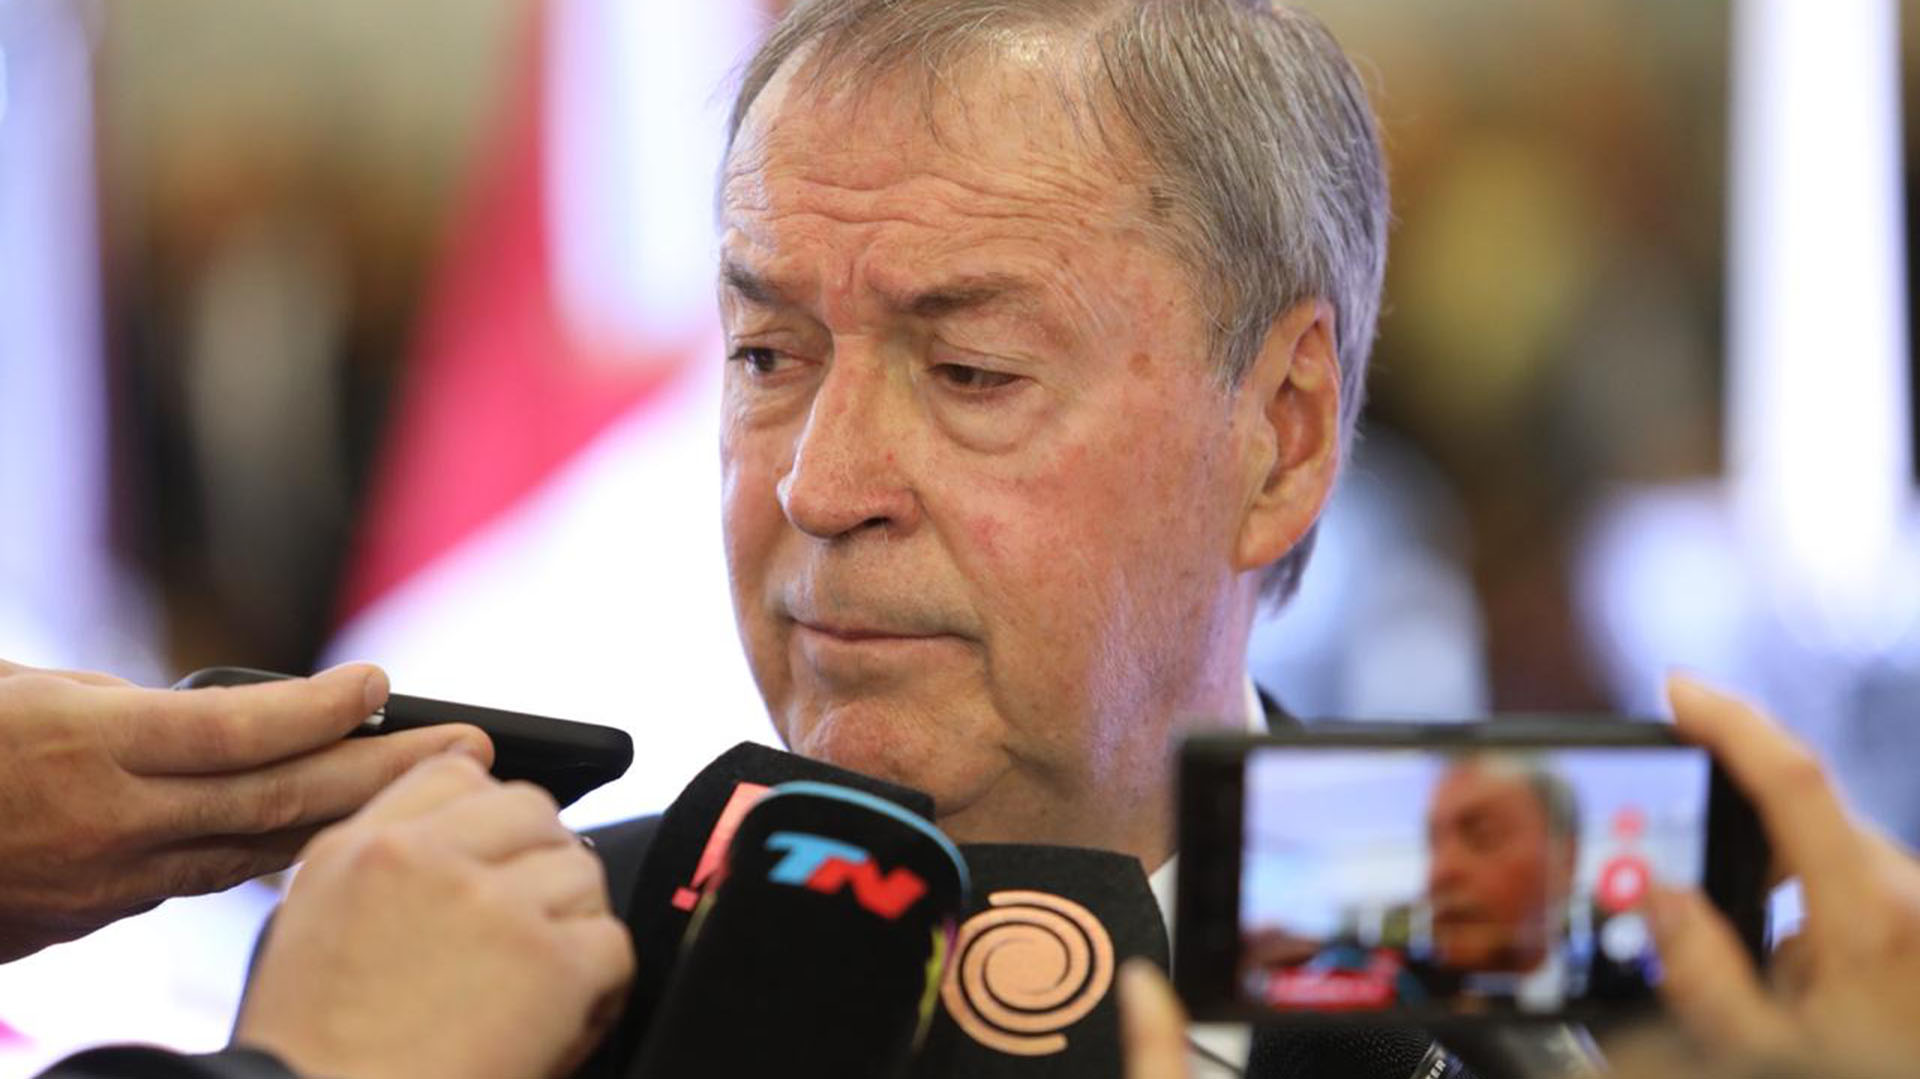 El actual gobernador cordobés, Juan Schiaretti, se mostró muy angustiado durante el velorio